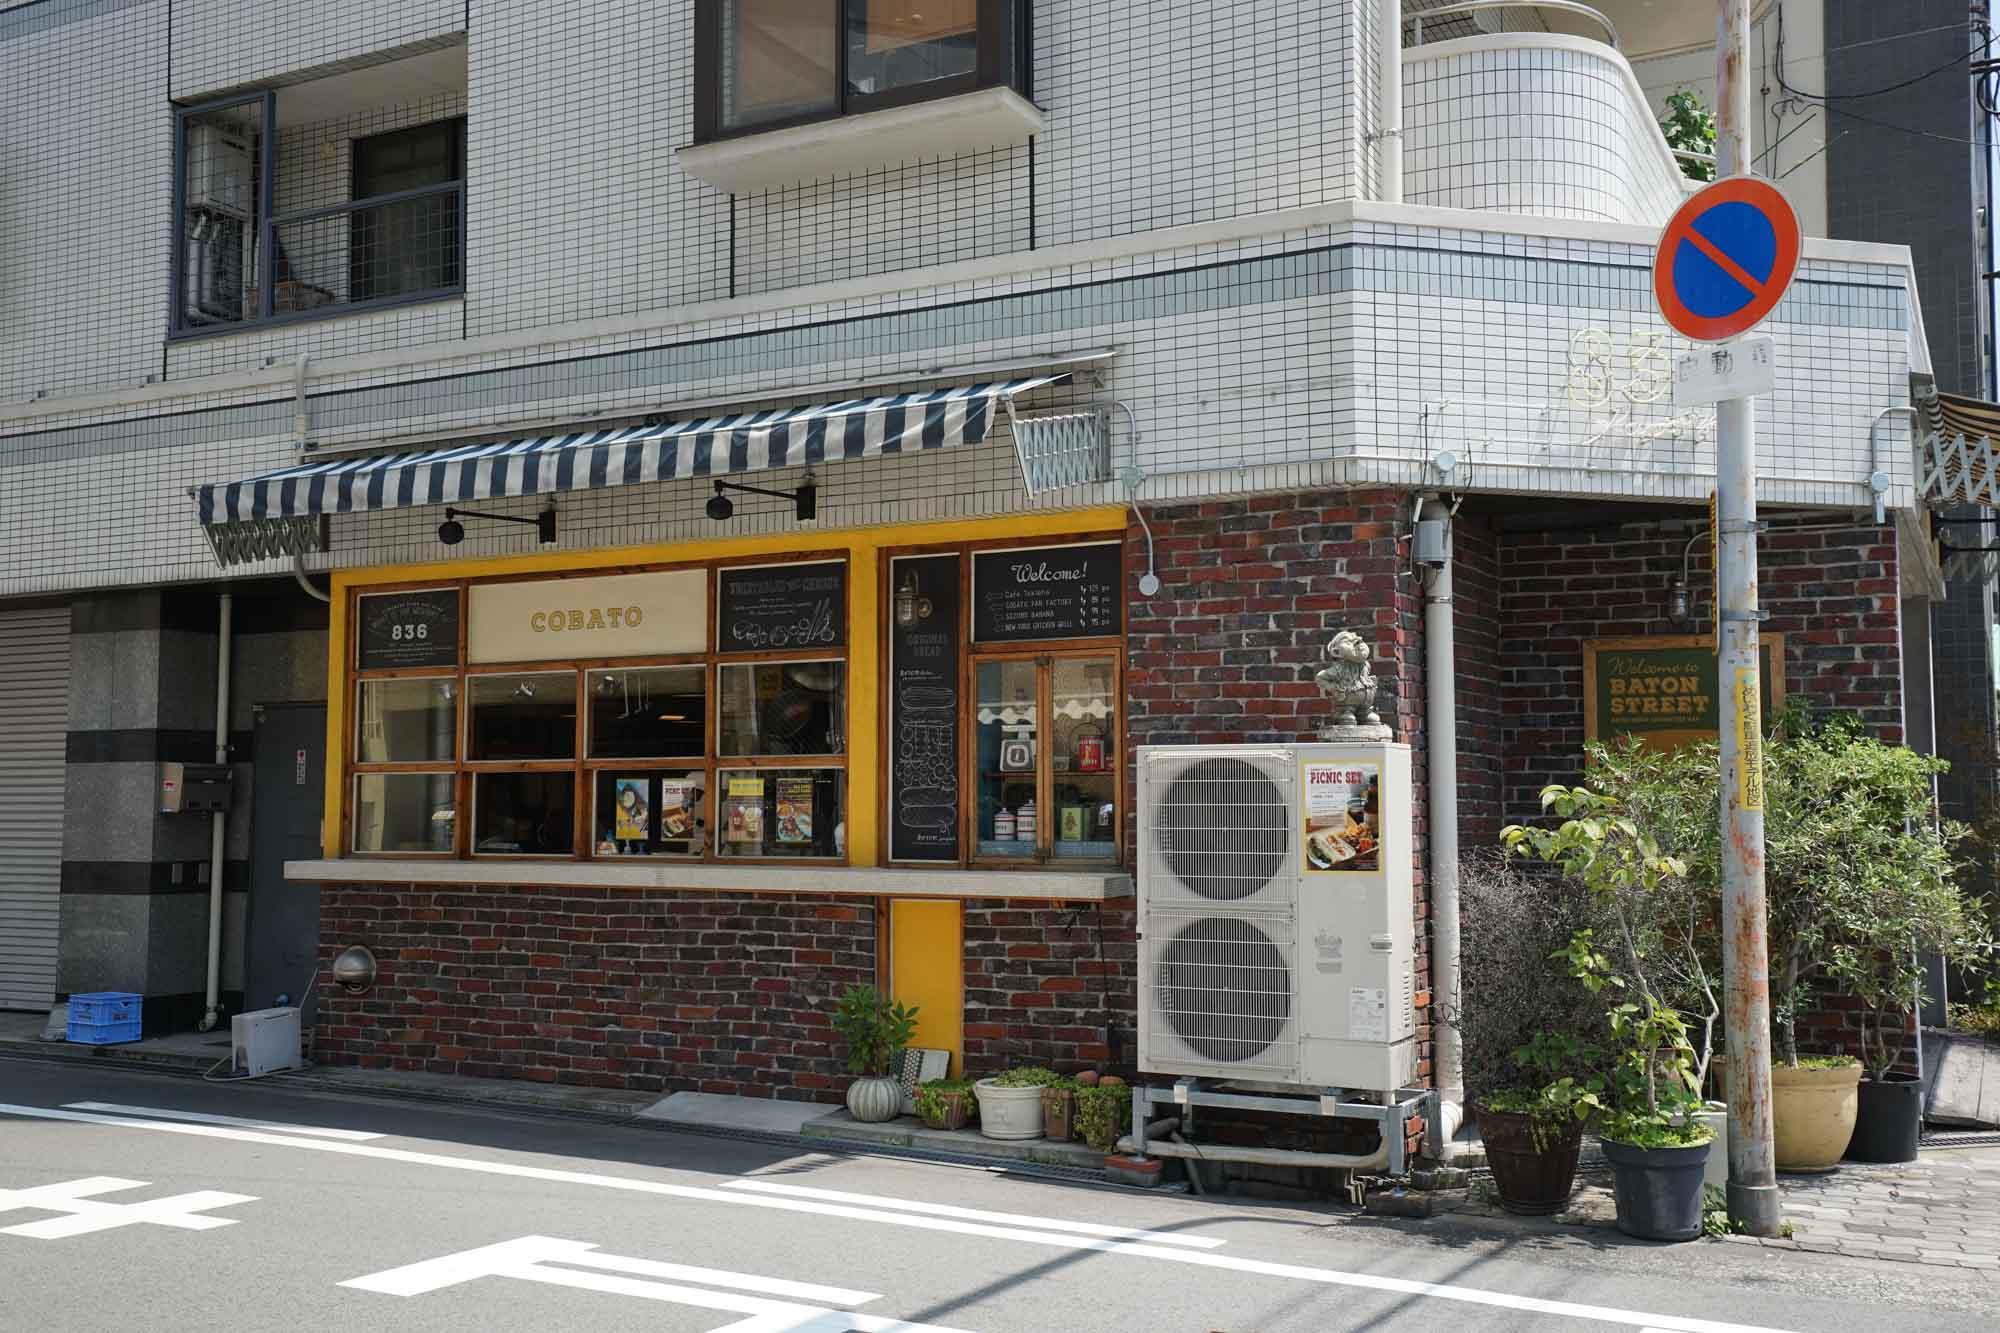 ホテルがある川沿いの通りには、おしゃれなカフェやバーが集まっていました。